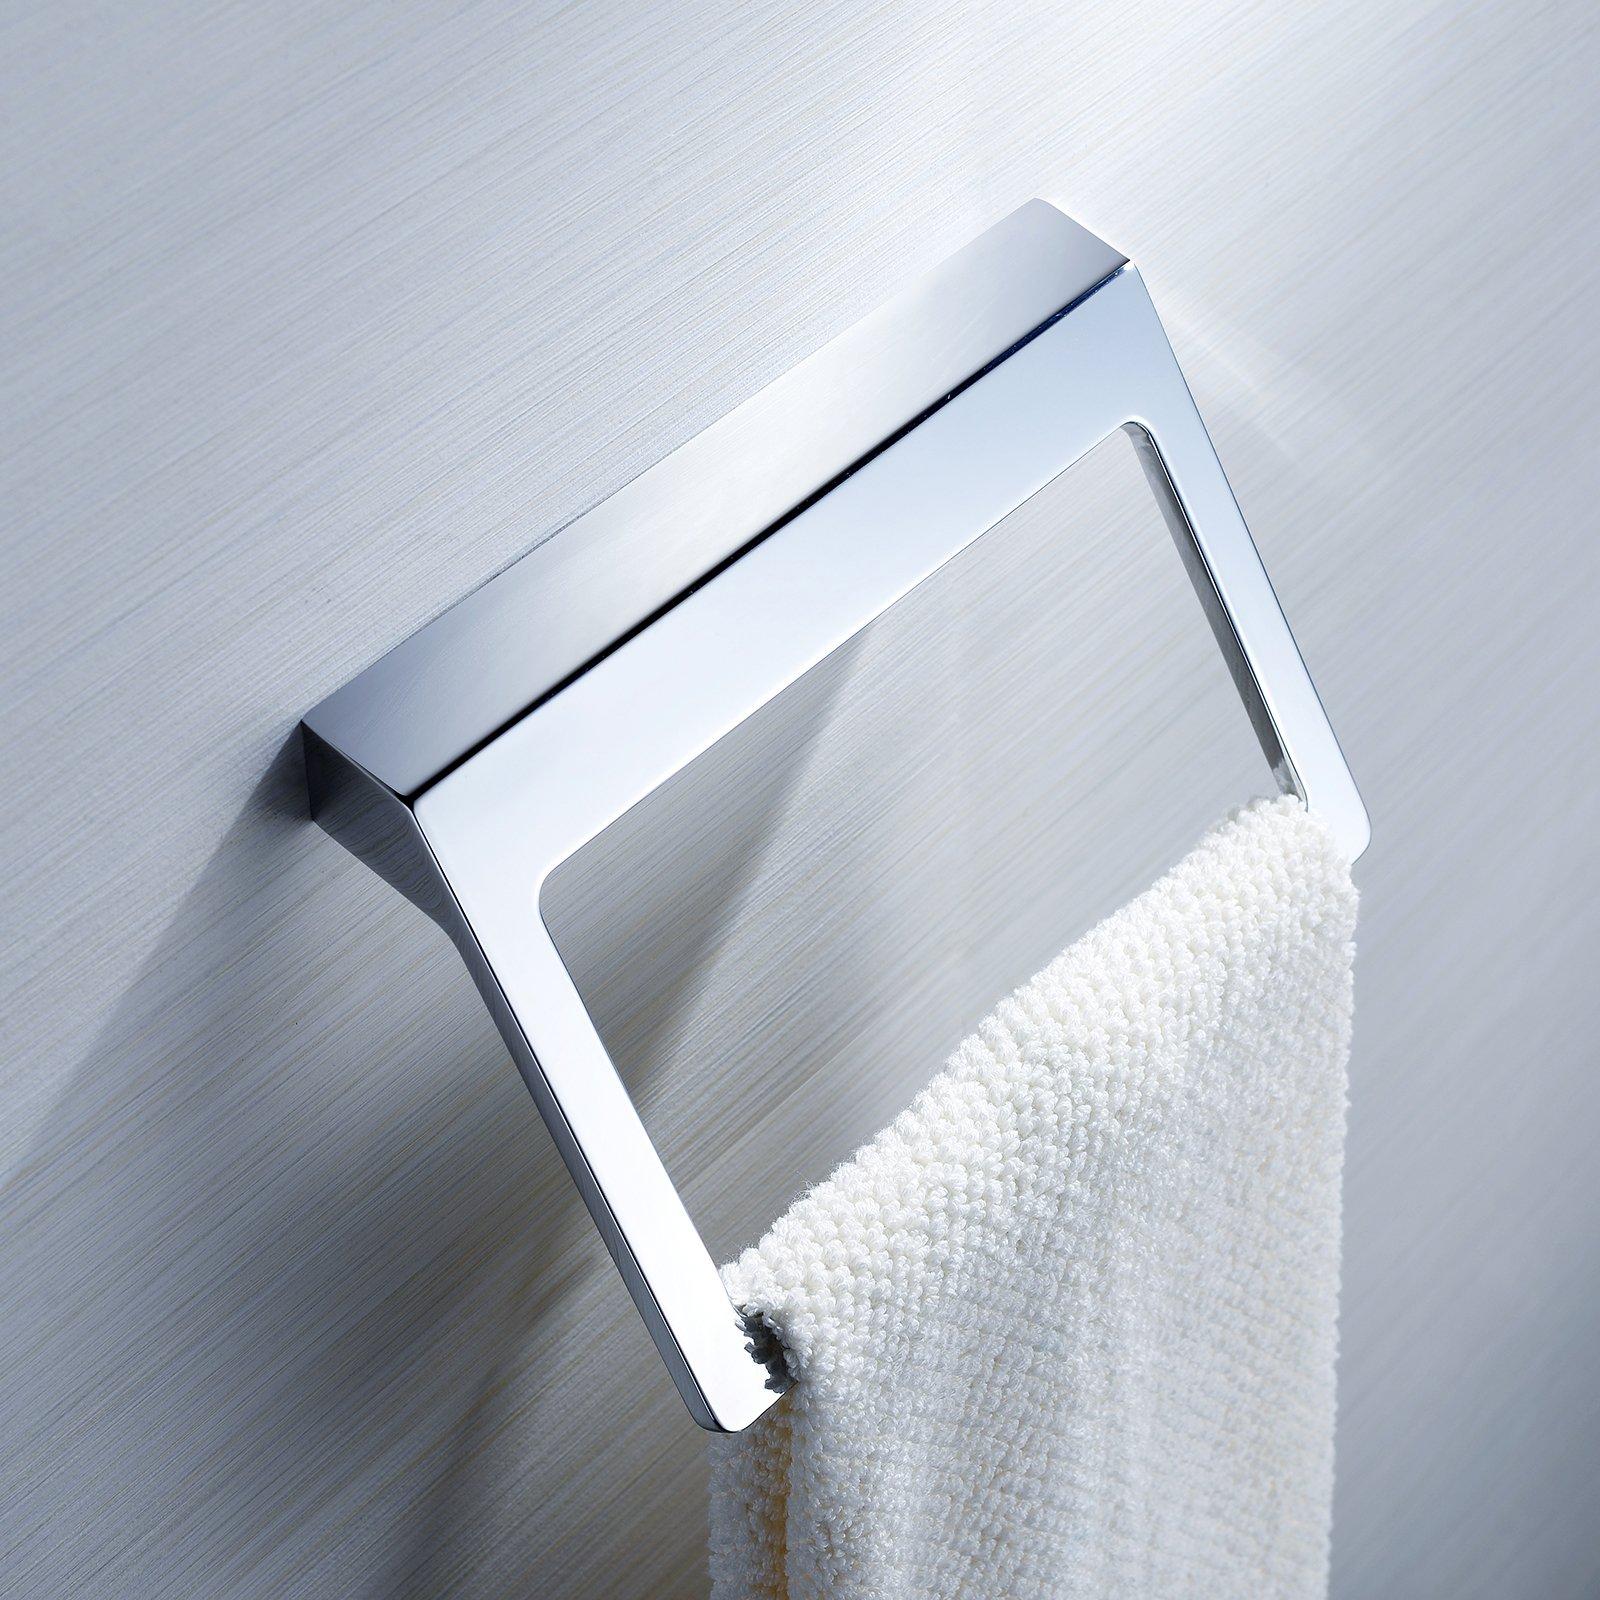 BERNSTEIN Handtuchhalter HH604 - Chrom